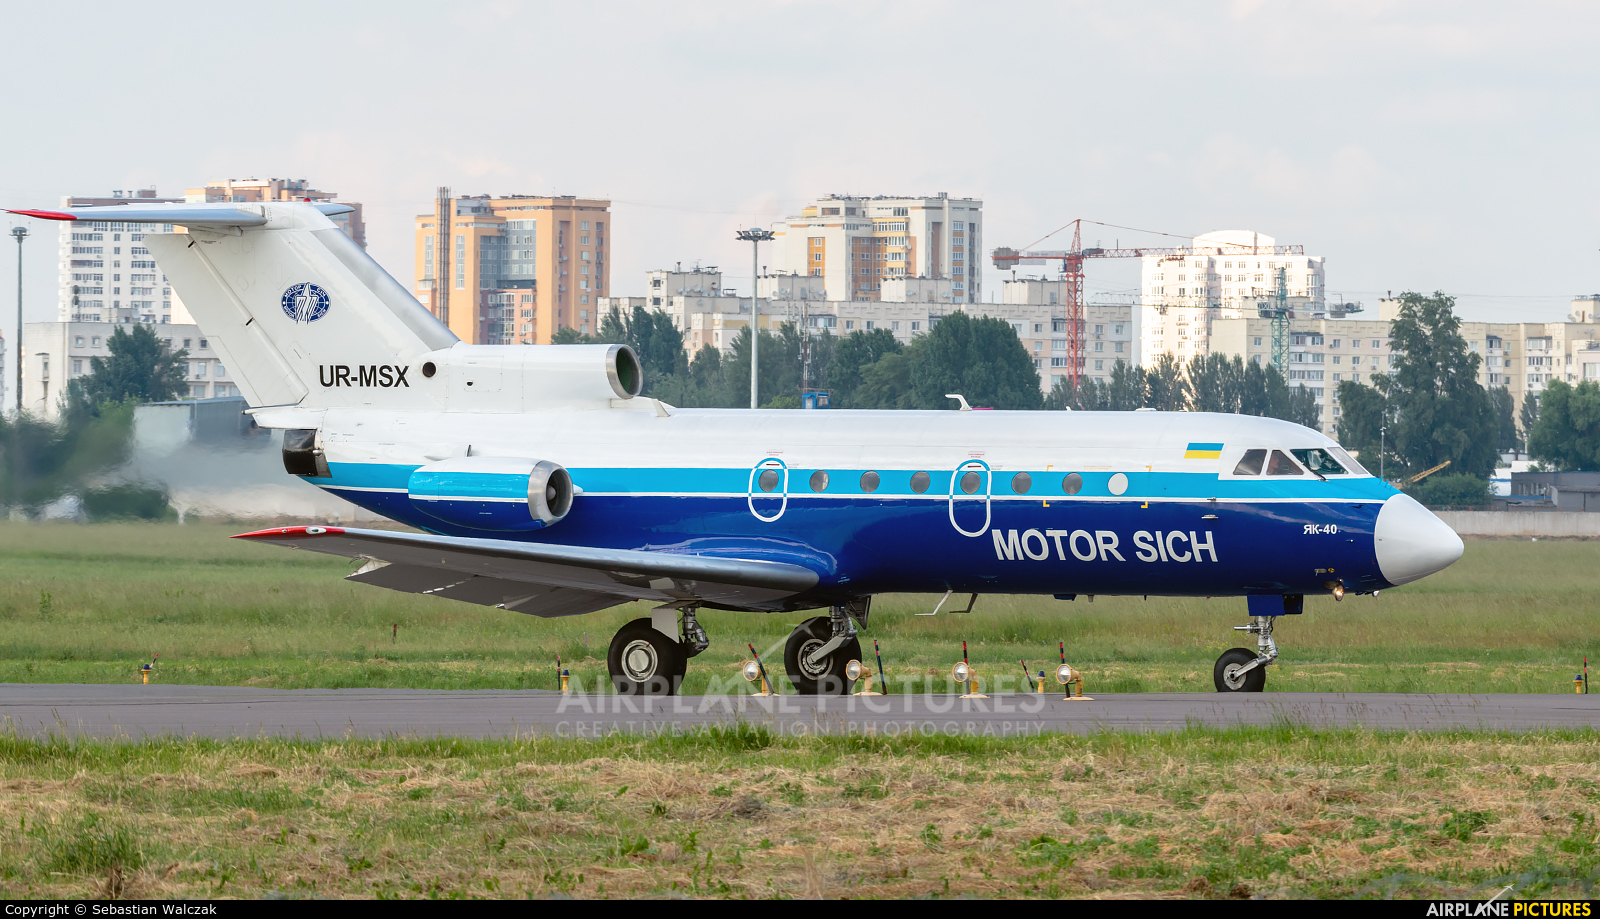 Motor Sich UR-MSX aircraft at Kiev - Zhulyany